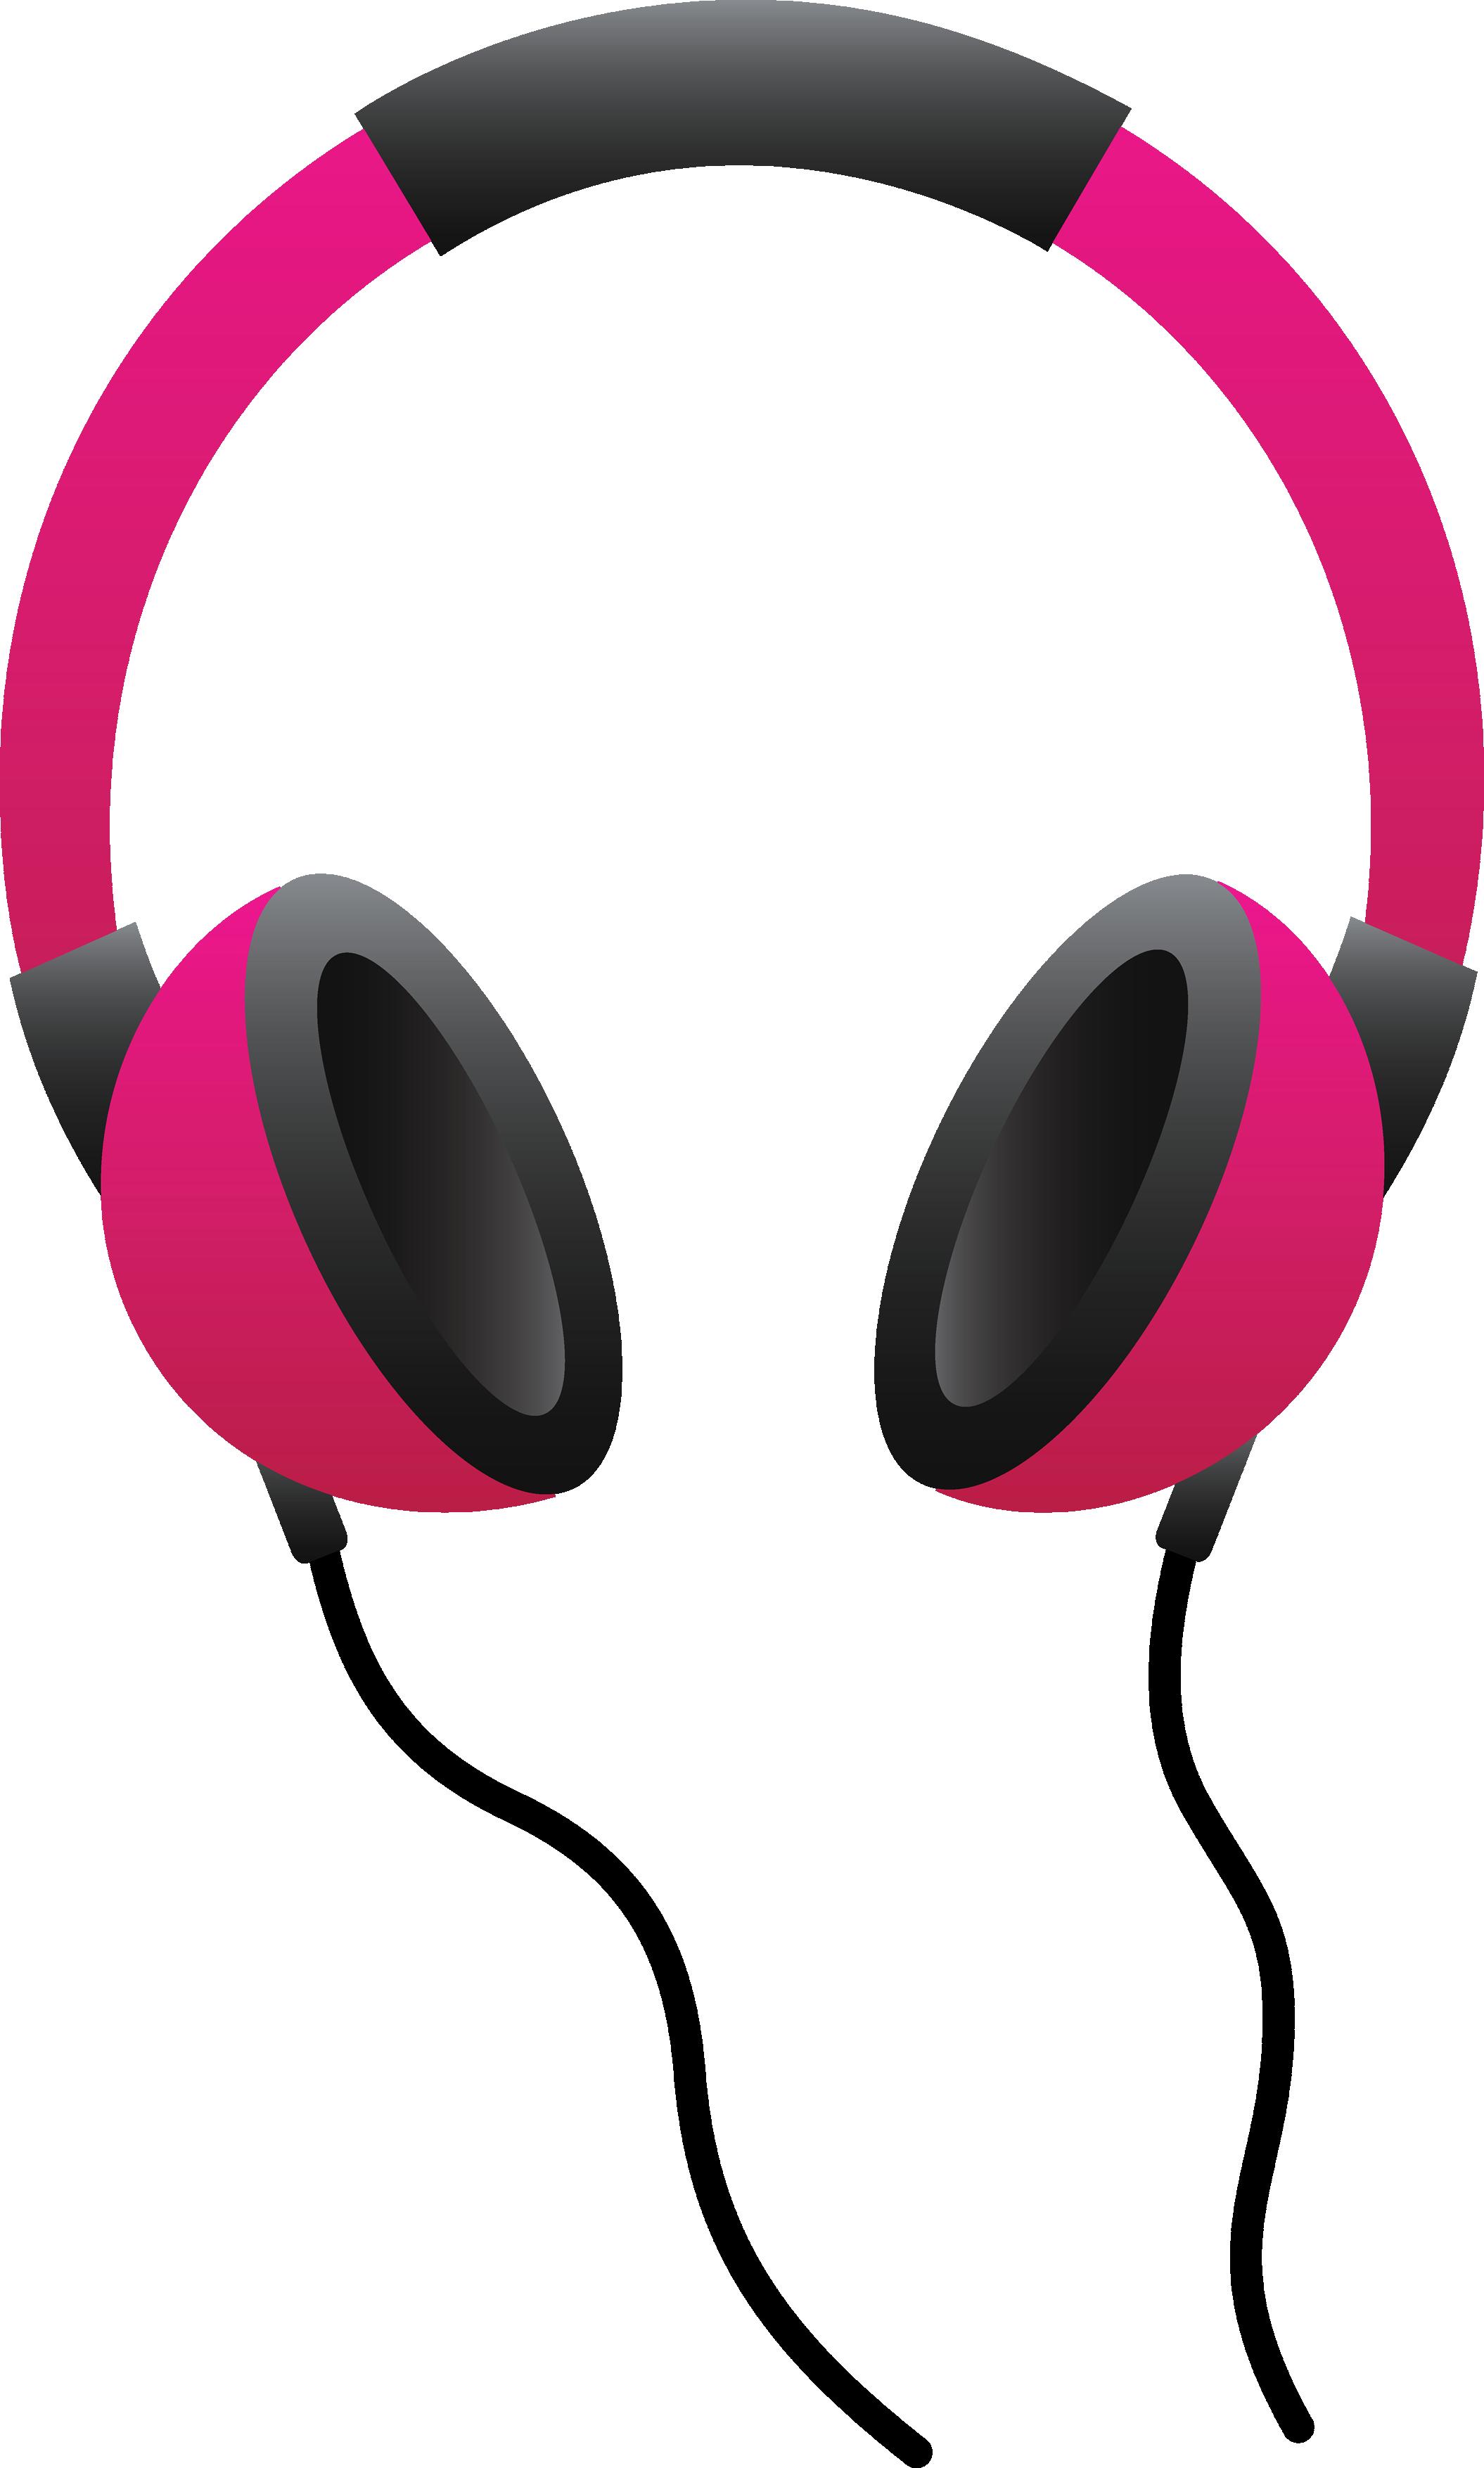 Headphones Cartoon - ClipArt Best